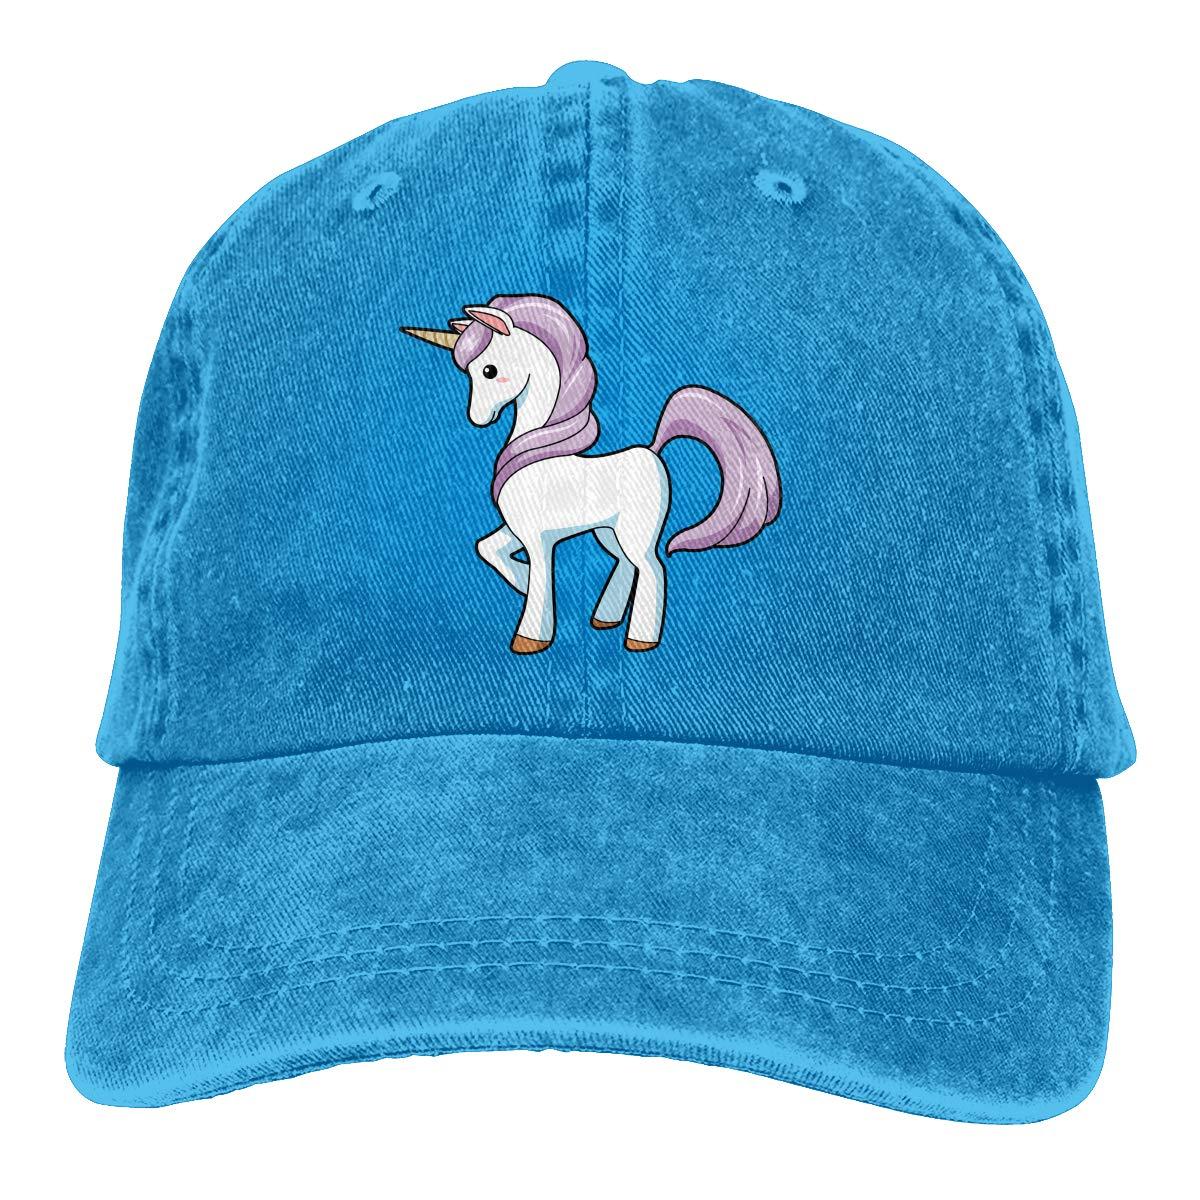 Cartoon Unicorn Fashion Unisex Washed Cap Adjustable Dads Denim Stetson Hat